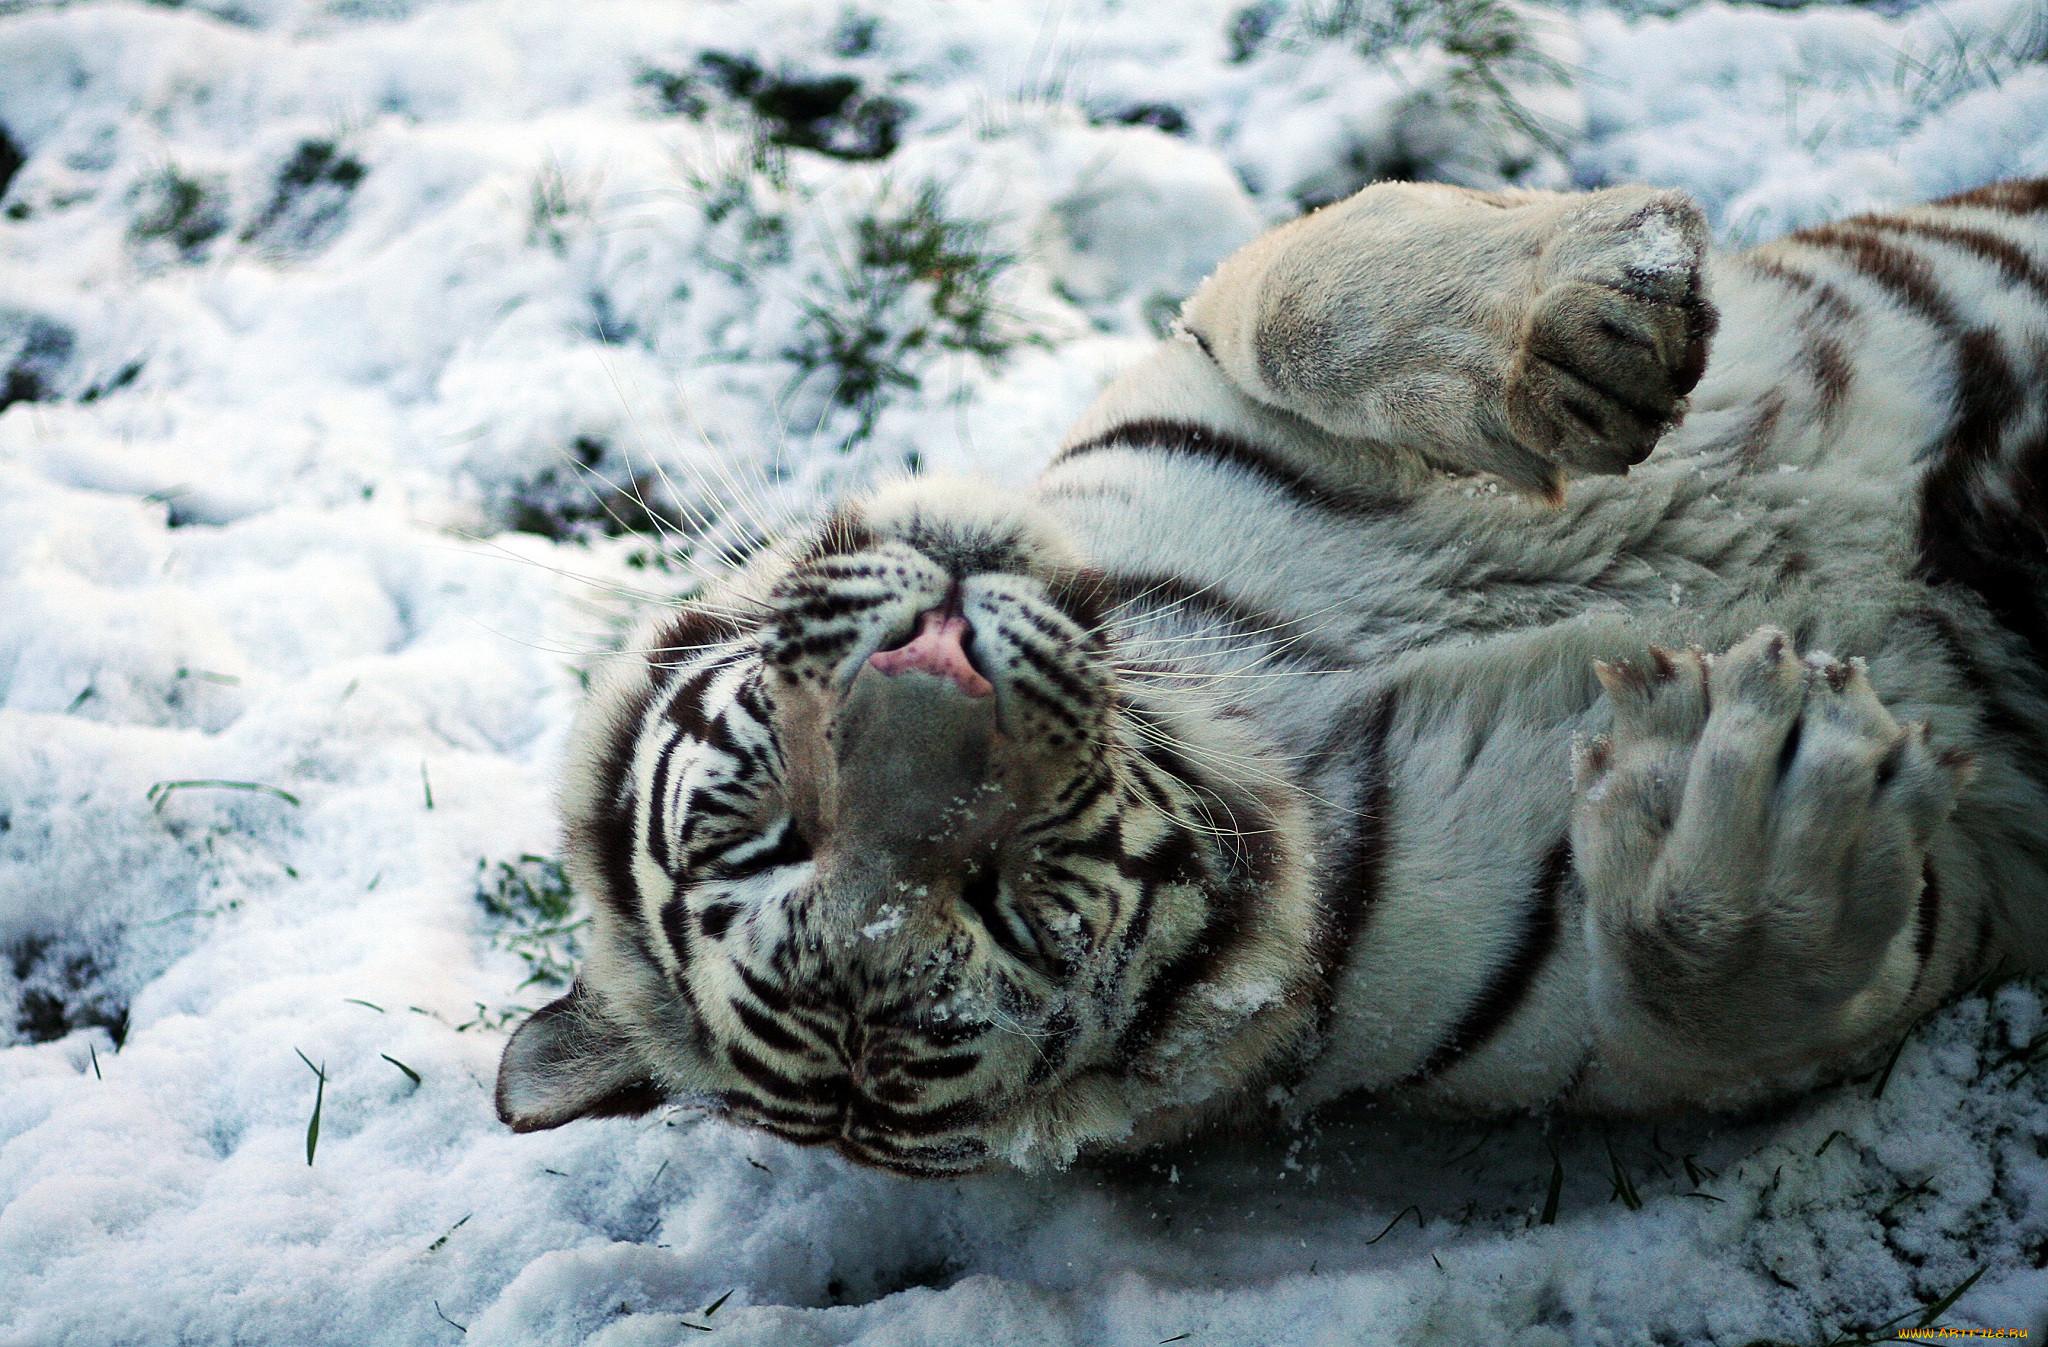 картинка тигр и снег отправить анимационные картинки